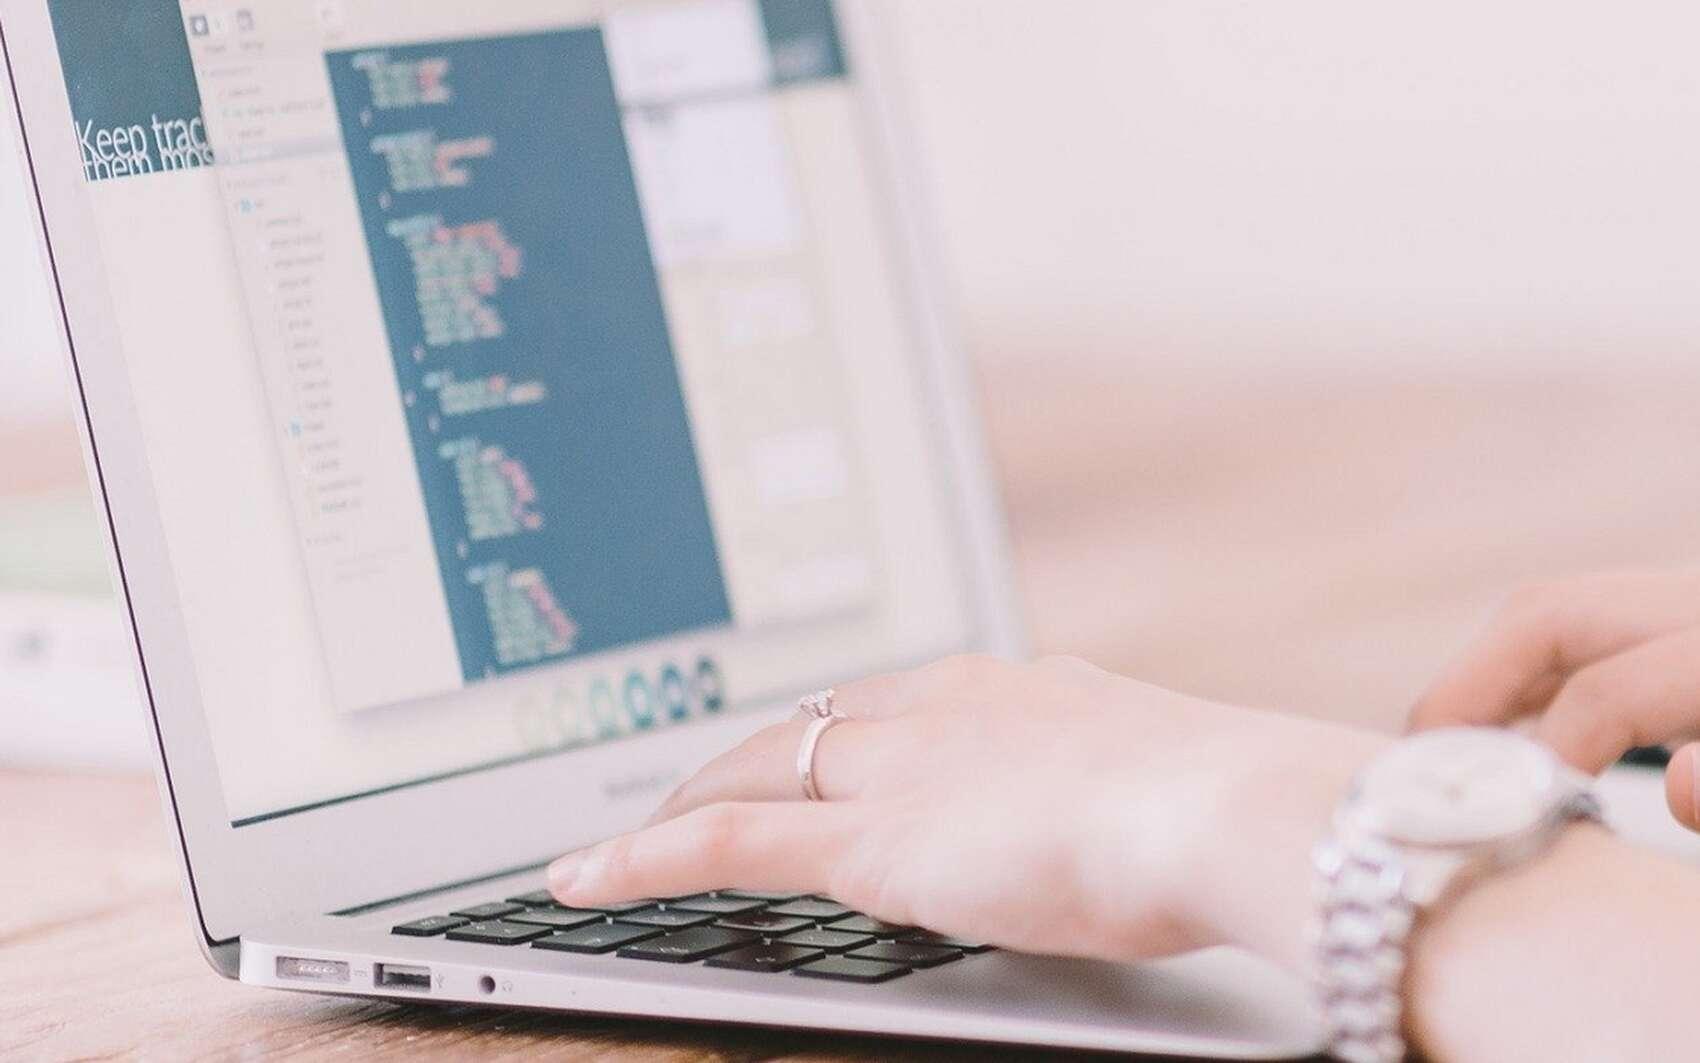 Le code source des logiciels libres est consultable par n'importe qui. Une communauté de développeurs en assure la maintenance et les évolutions. © Pixabay.com